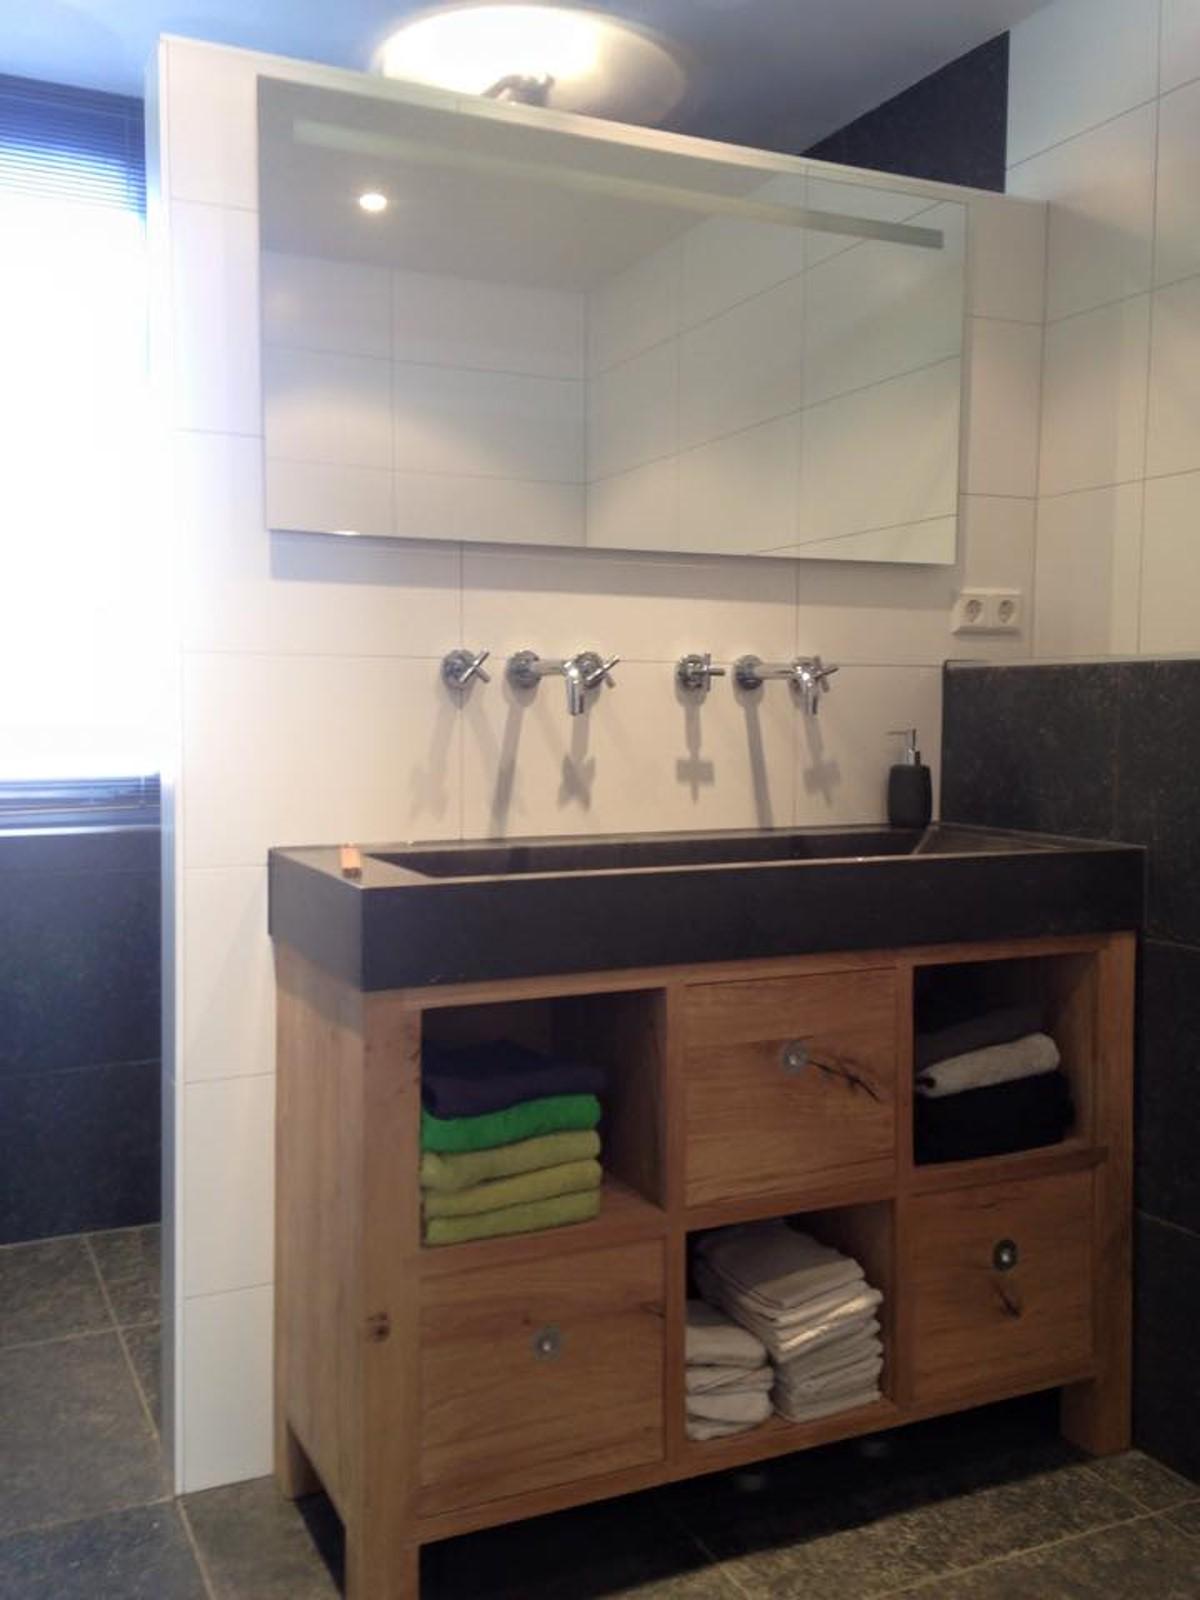 Steigerhouten wsatafel meubel, inbouwkranen en spiegel met geintergreerde verlichting.